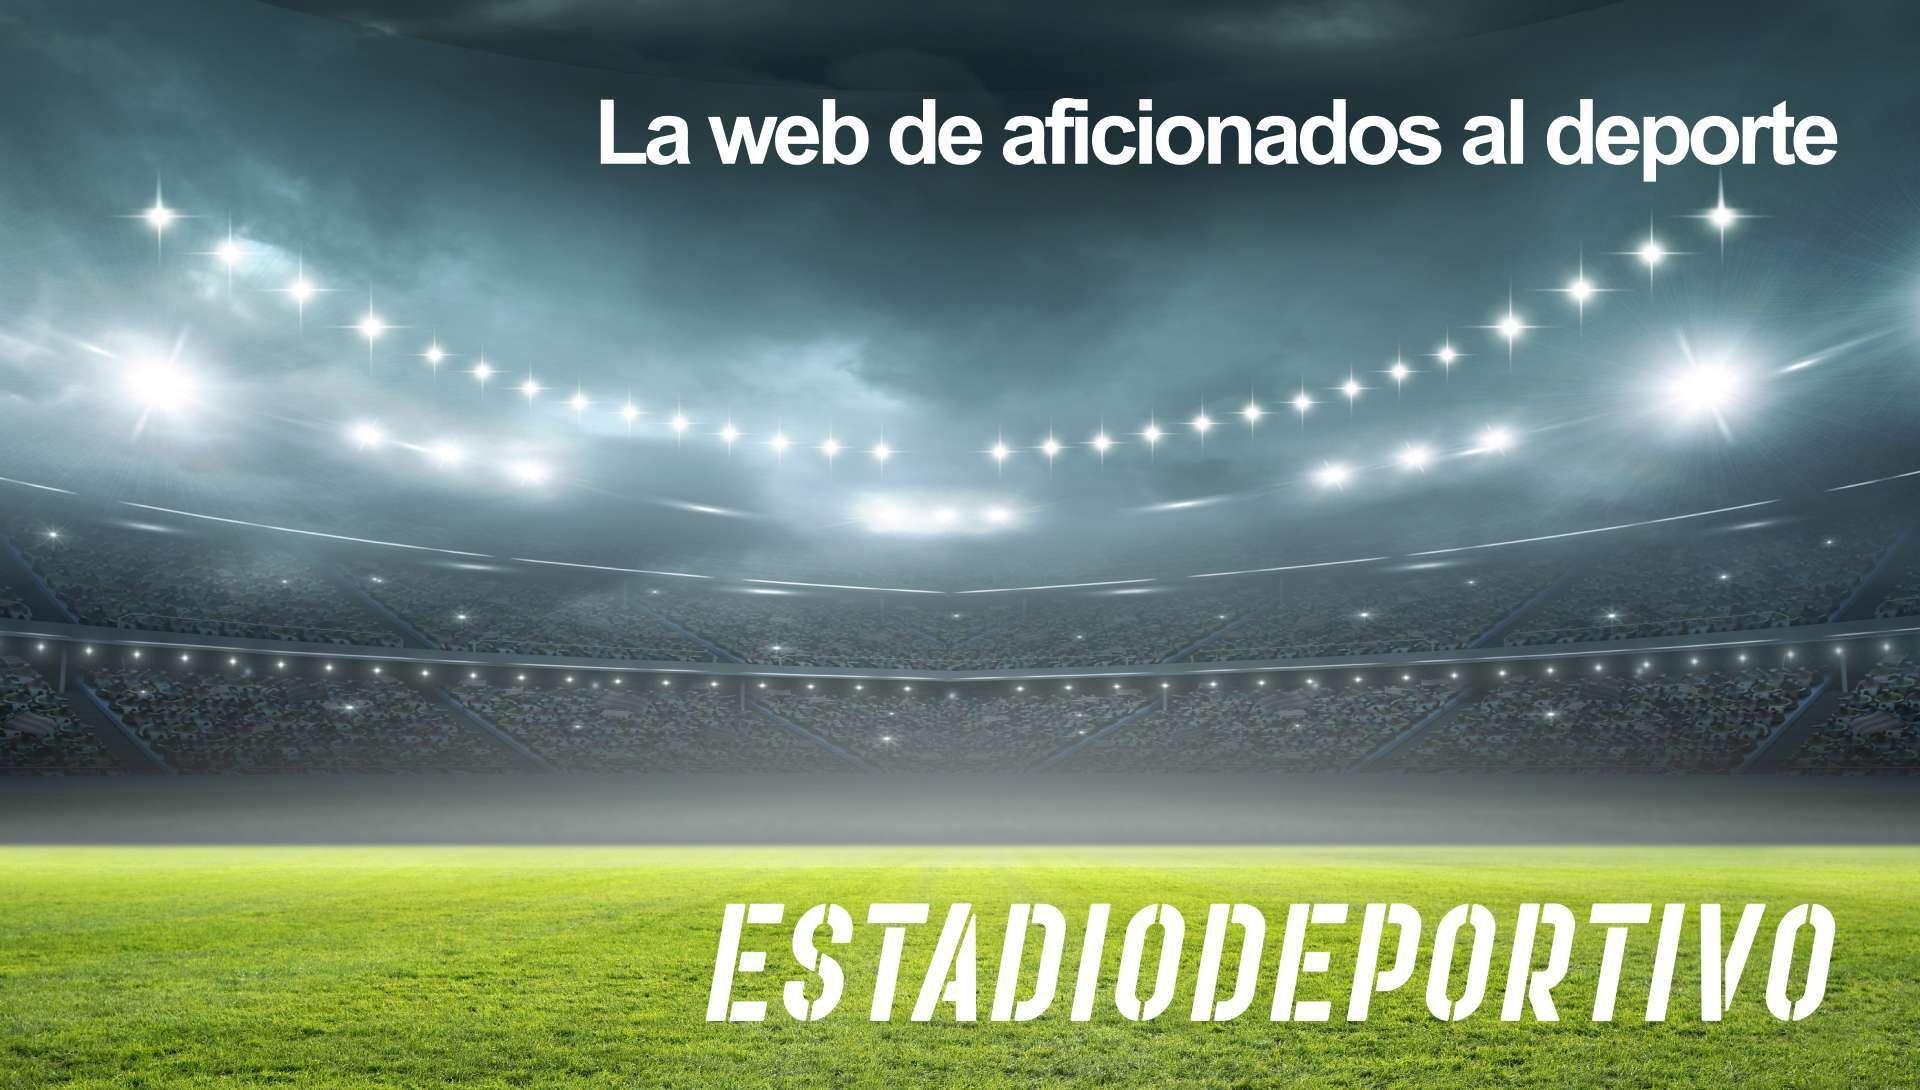 El desfile de Victoria's Secret en imágenes